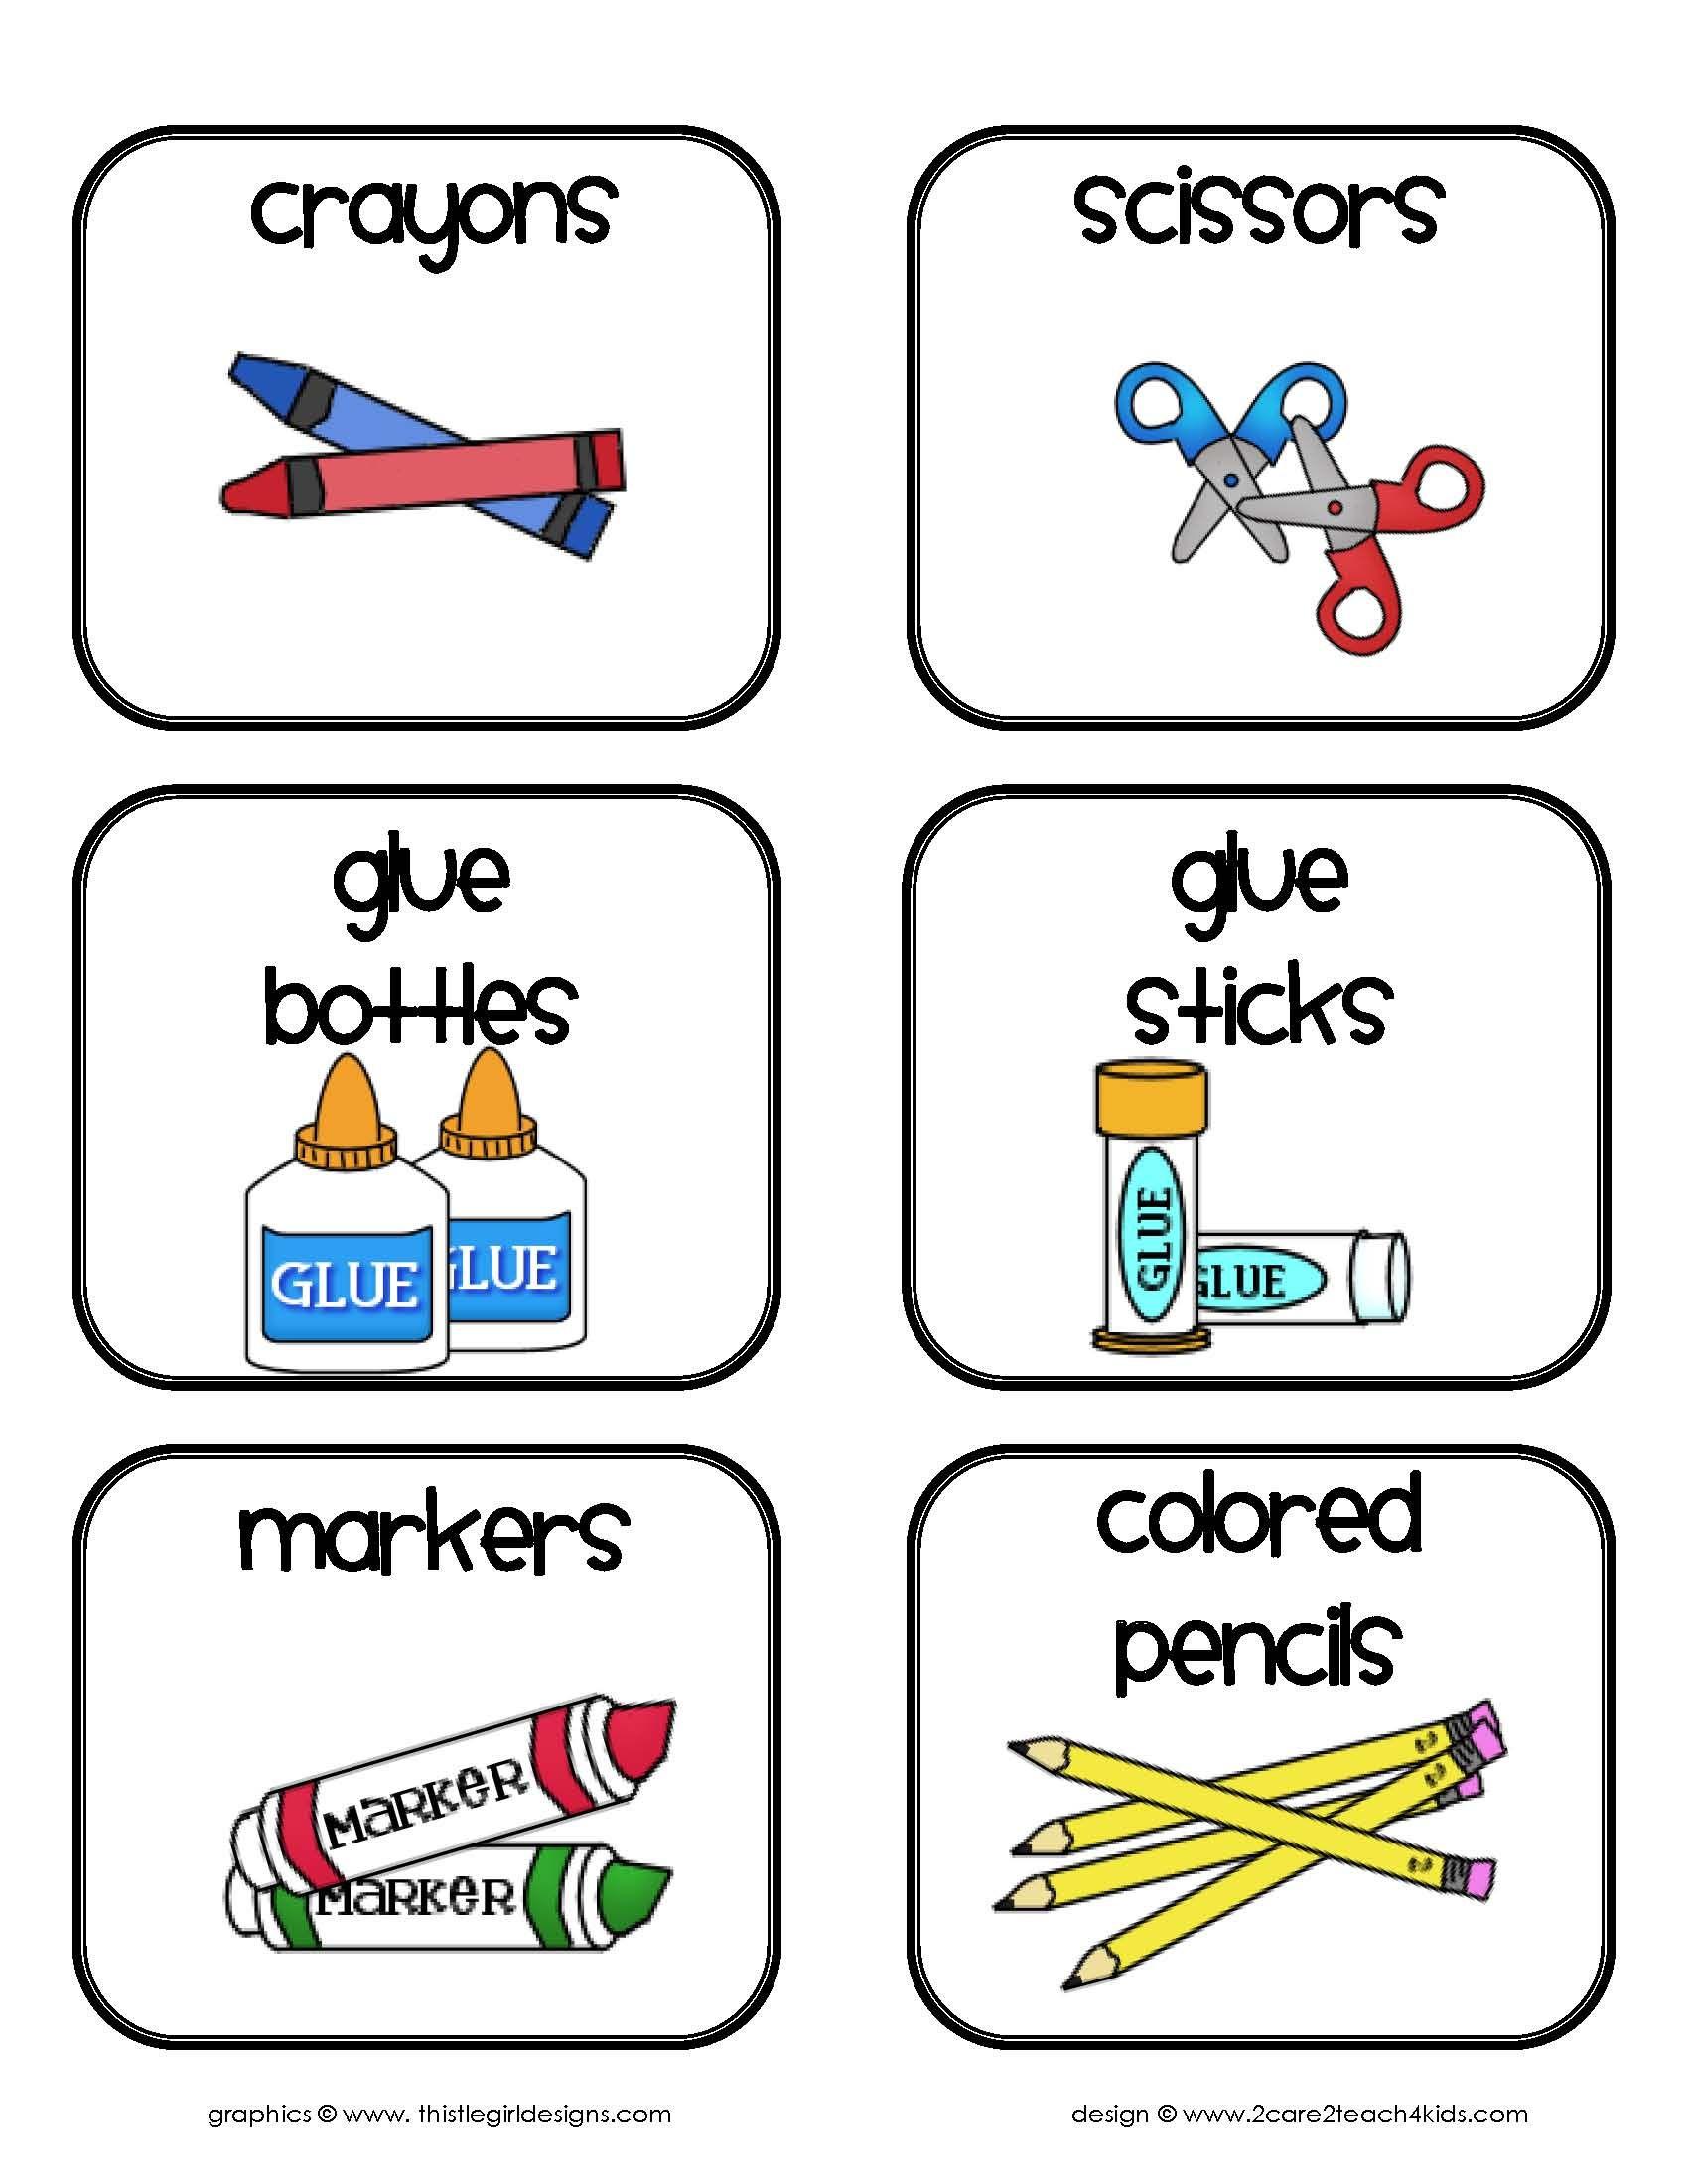 Pin By Lagkana Lagkham On Pre K Classroom Supplies Labels Classroom Labels Classroom Supplies